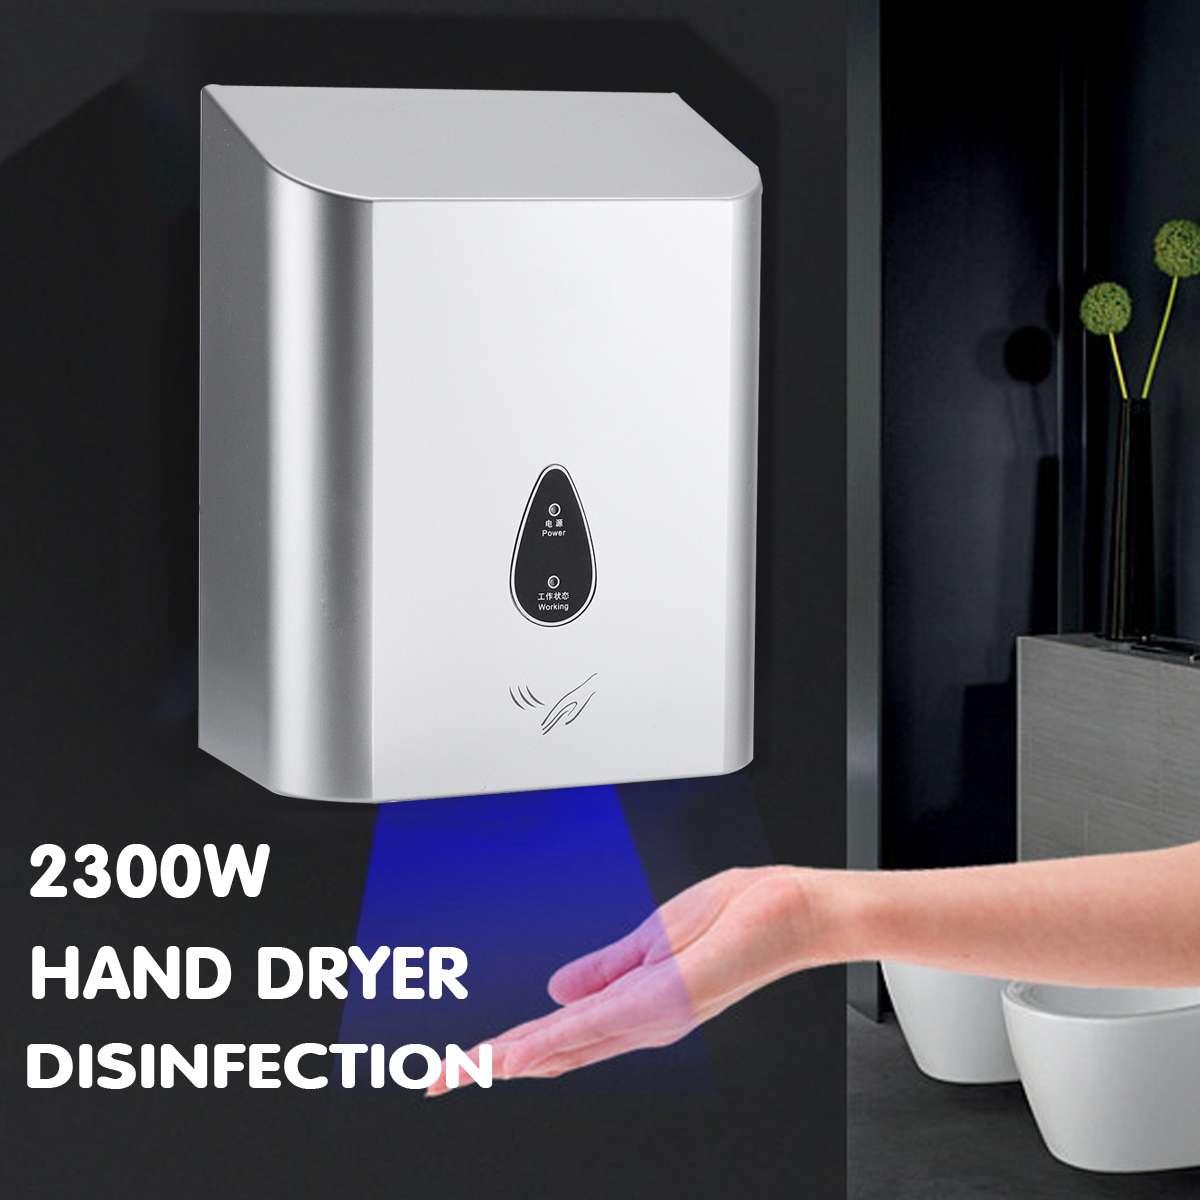 Warmtoo 2500 W 220 V haute vitesse électrique sèche-mains capteur infrarouge complètement automatique dispositif de séchage à la main salle de bains Air chaud vent souffleur